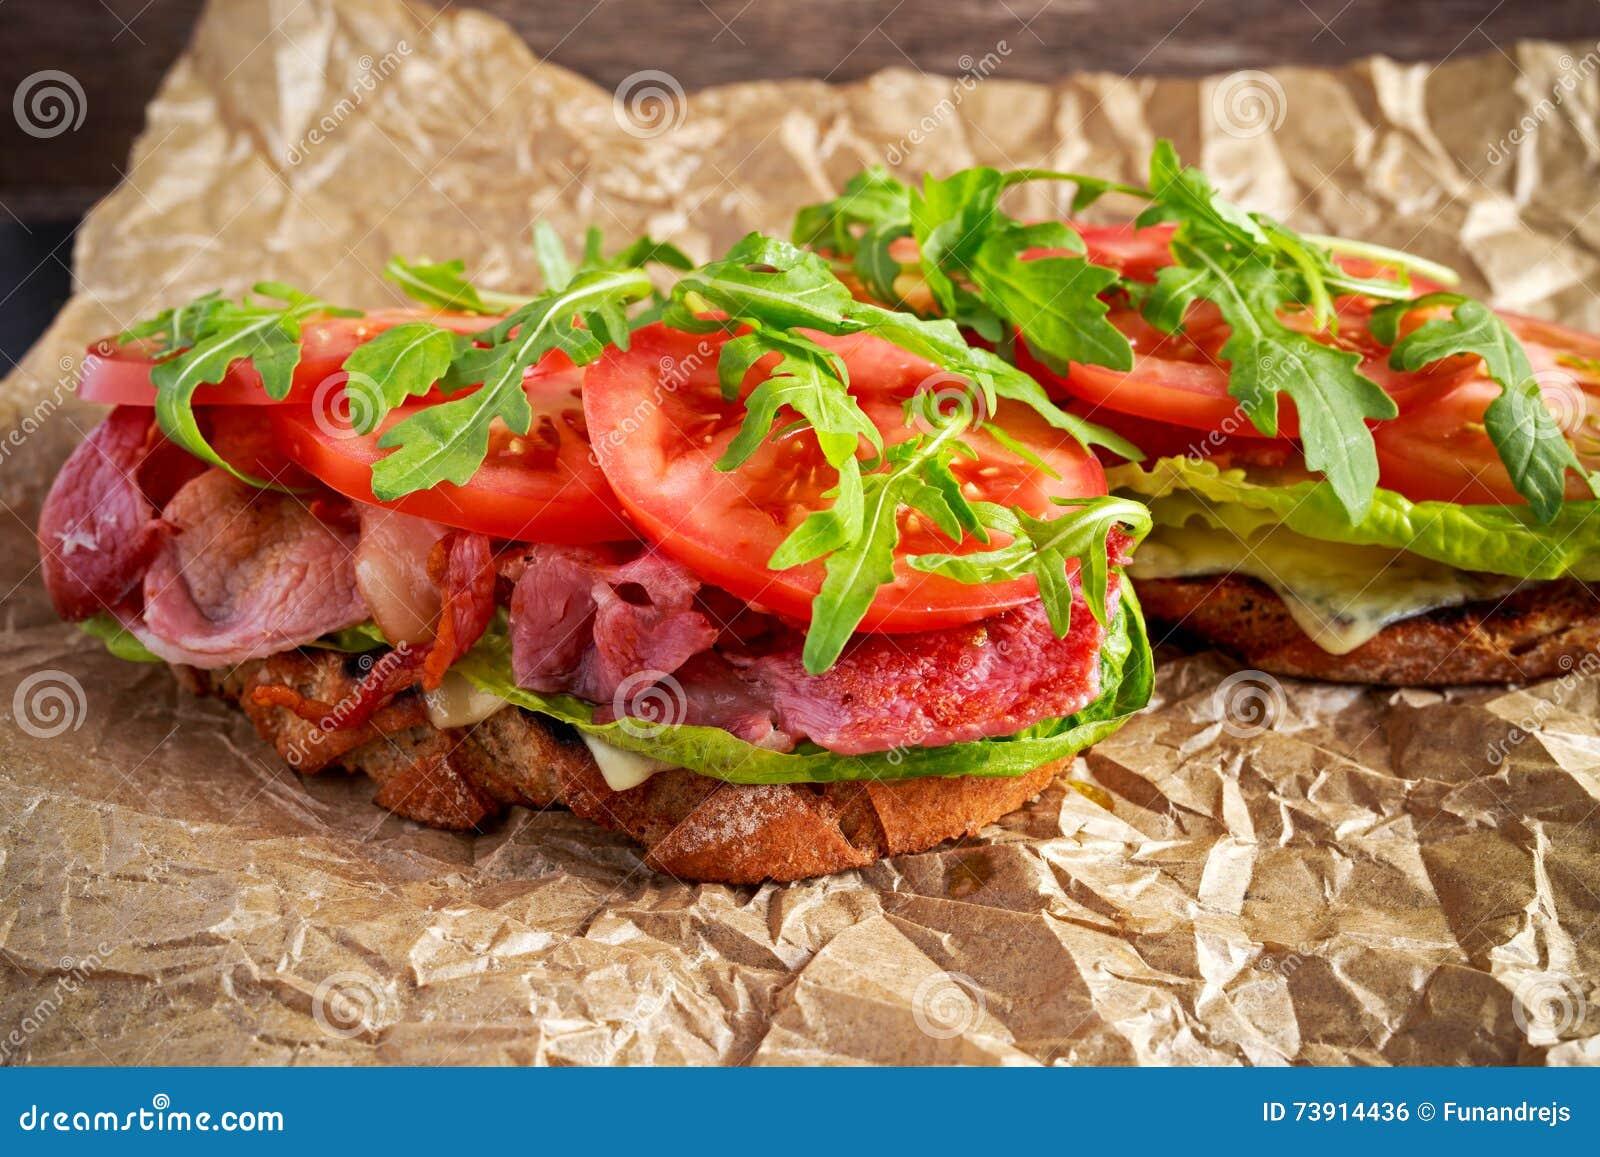 Panino casalingo fresco di BLT su pane arrostito con bacon, lattuga, il pomodoro del manzo, le cipolle rosse, il razzo selvaggio